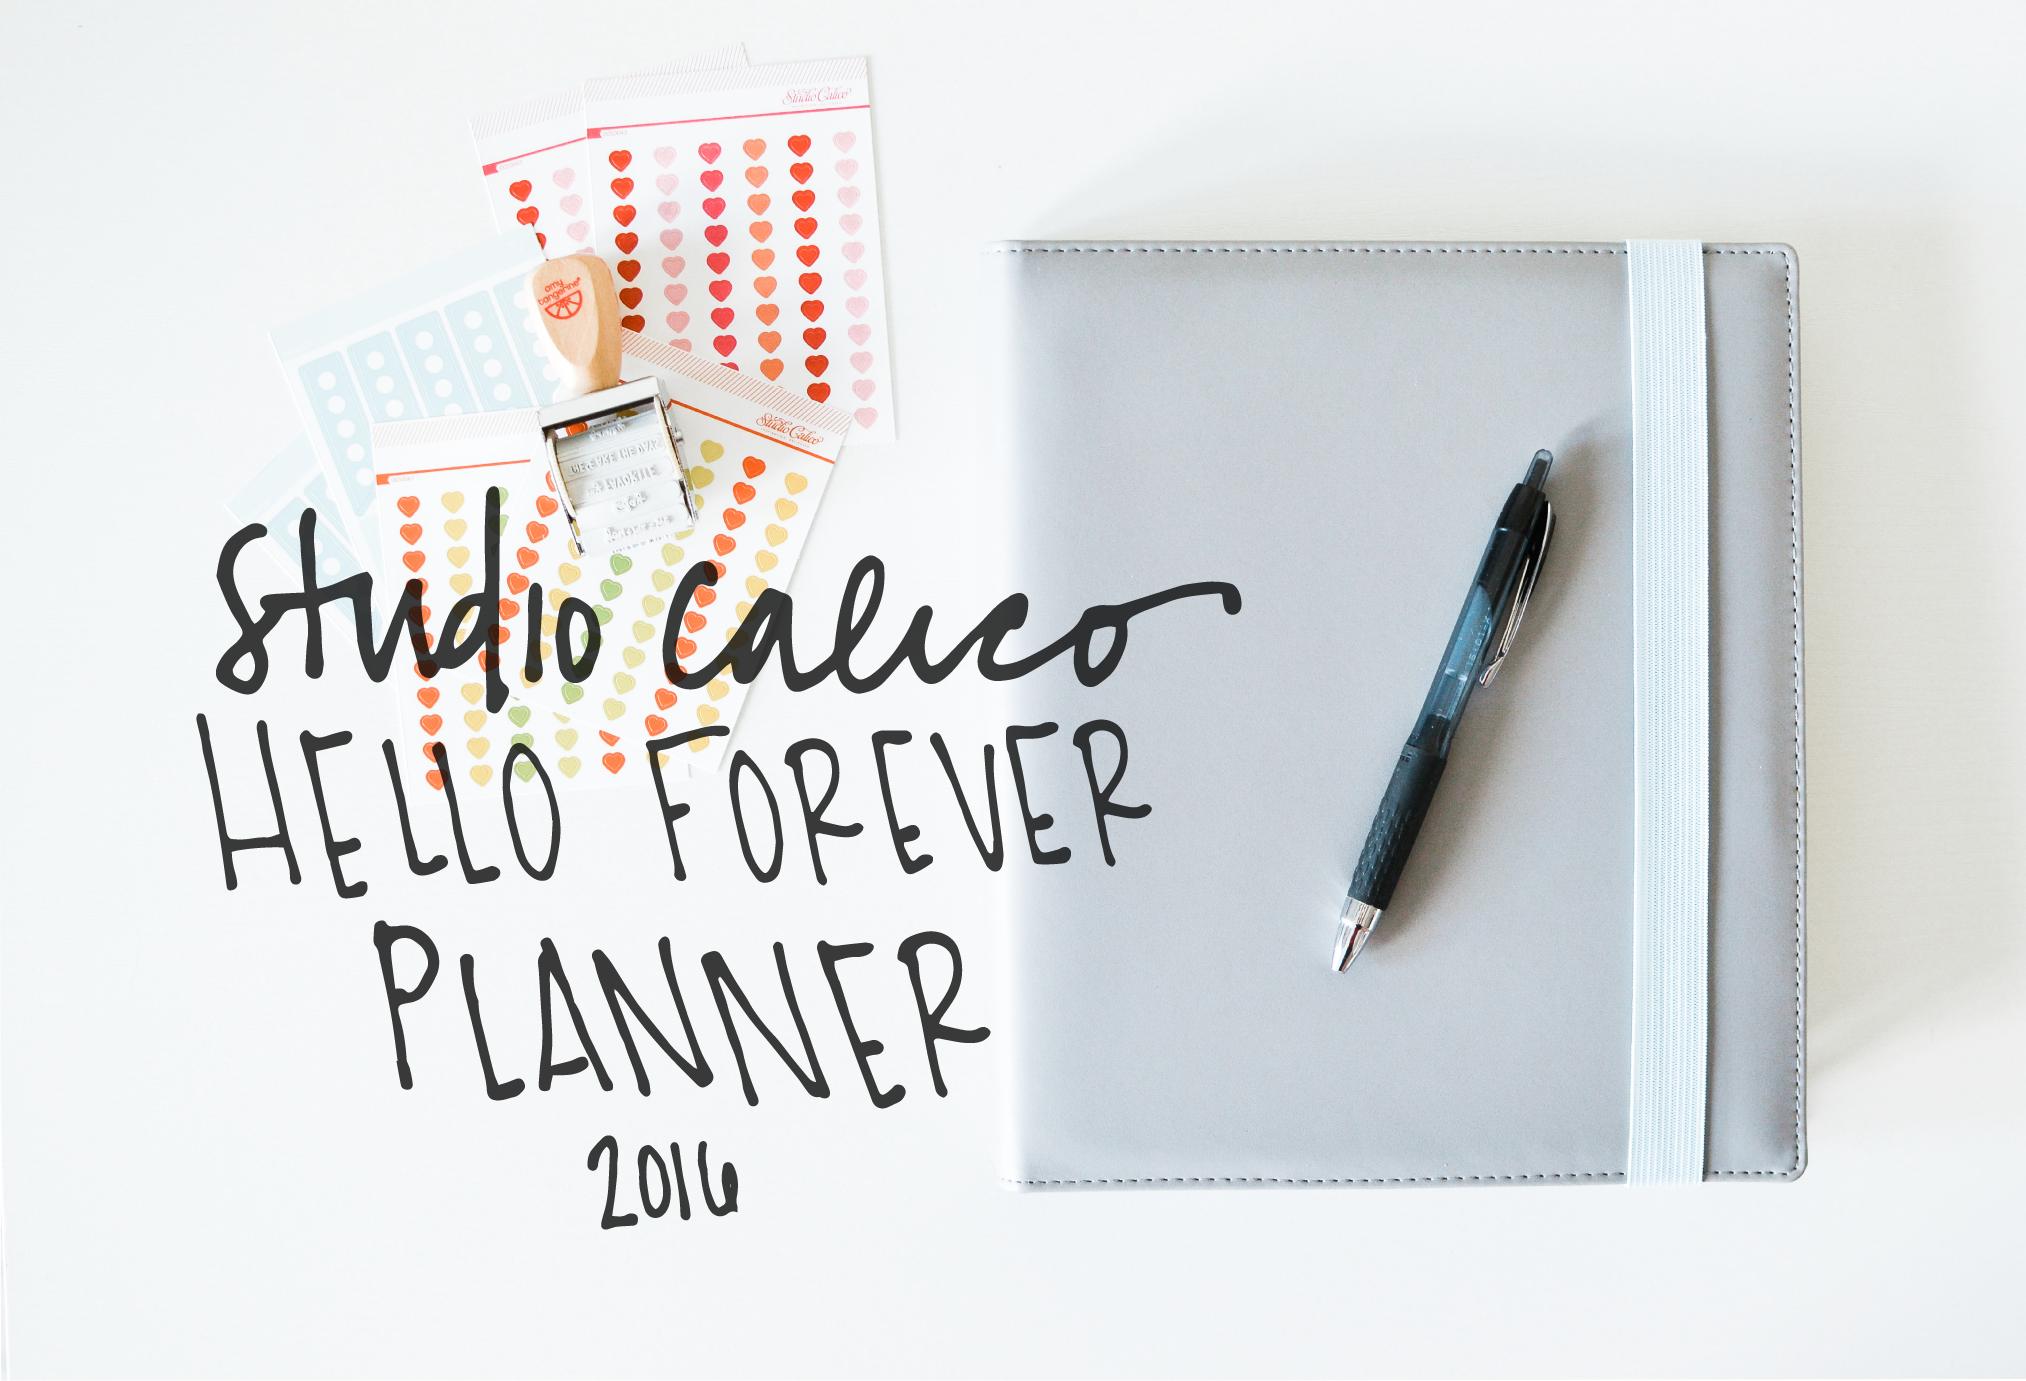 Studio Calico Hello Forever Planner 2016 - Noodoso